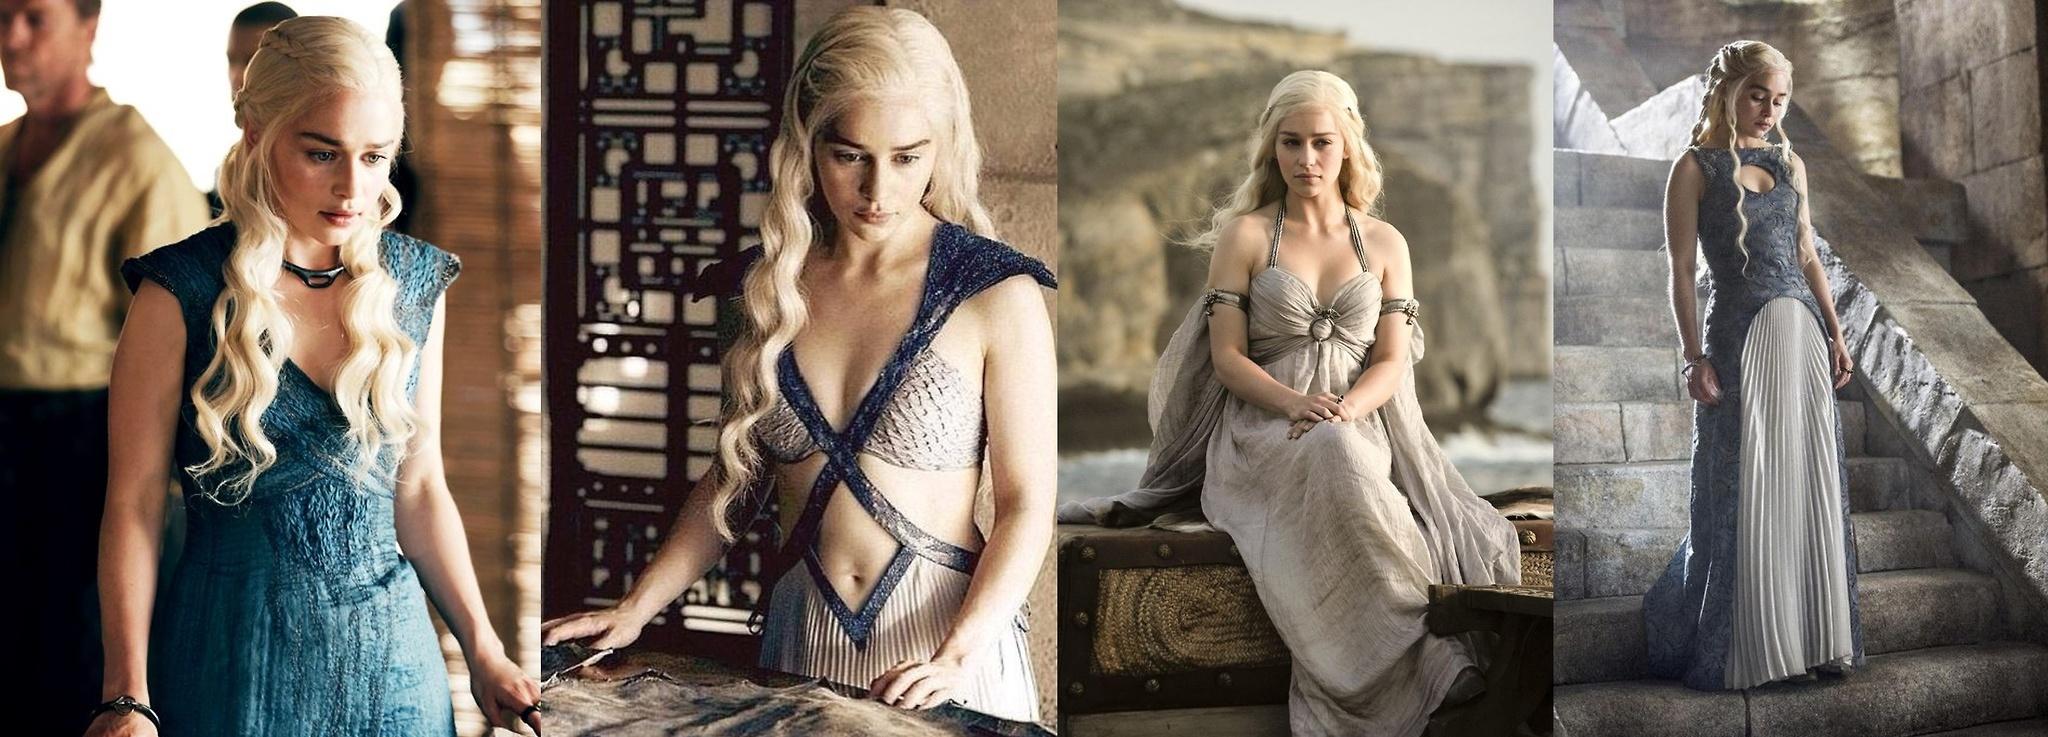 Stormborn Style Daenerys Targaryen